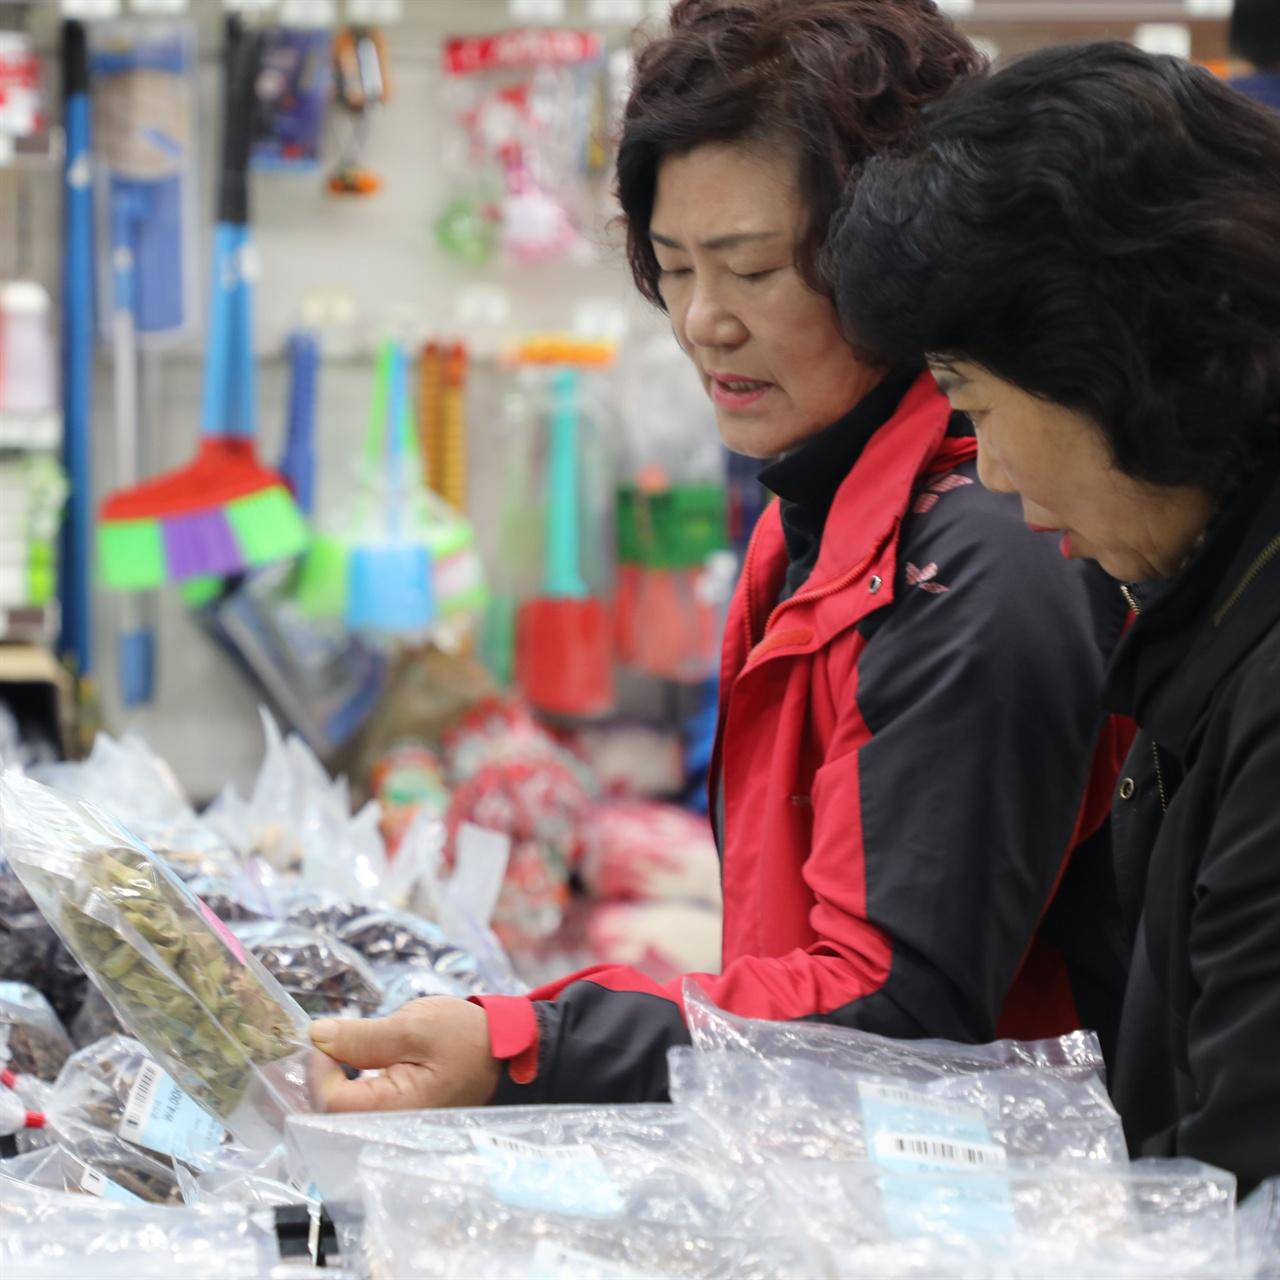 태안로컬푸드매장에서 태안농산물을 유심히 살피는 고객들